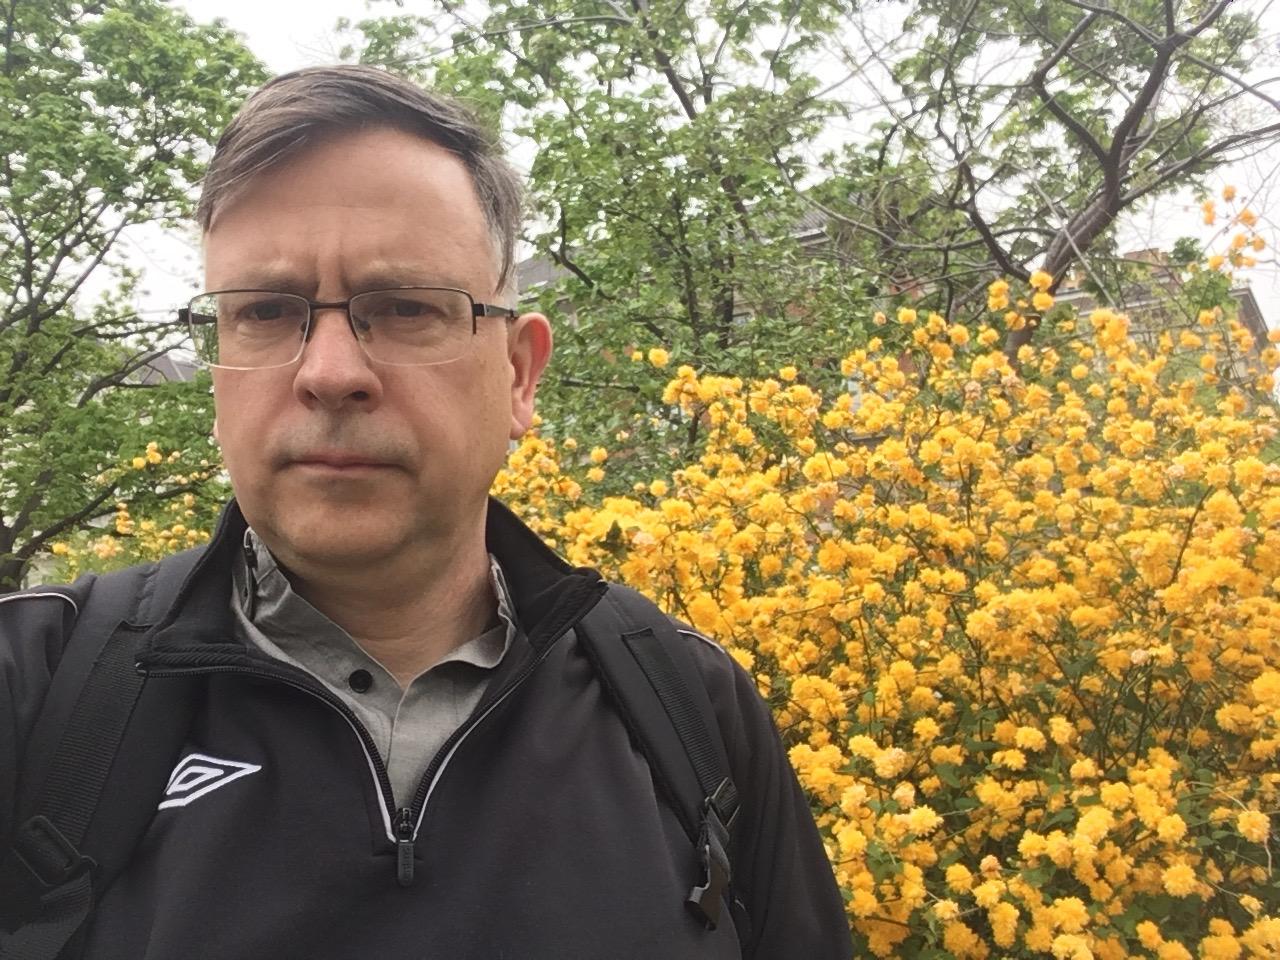 Marek Stastna